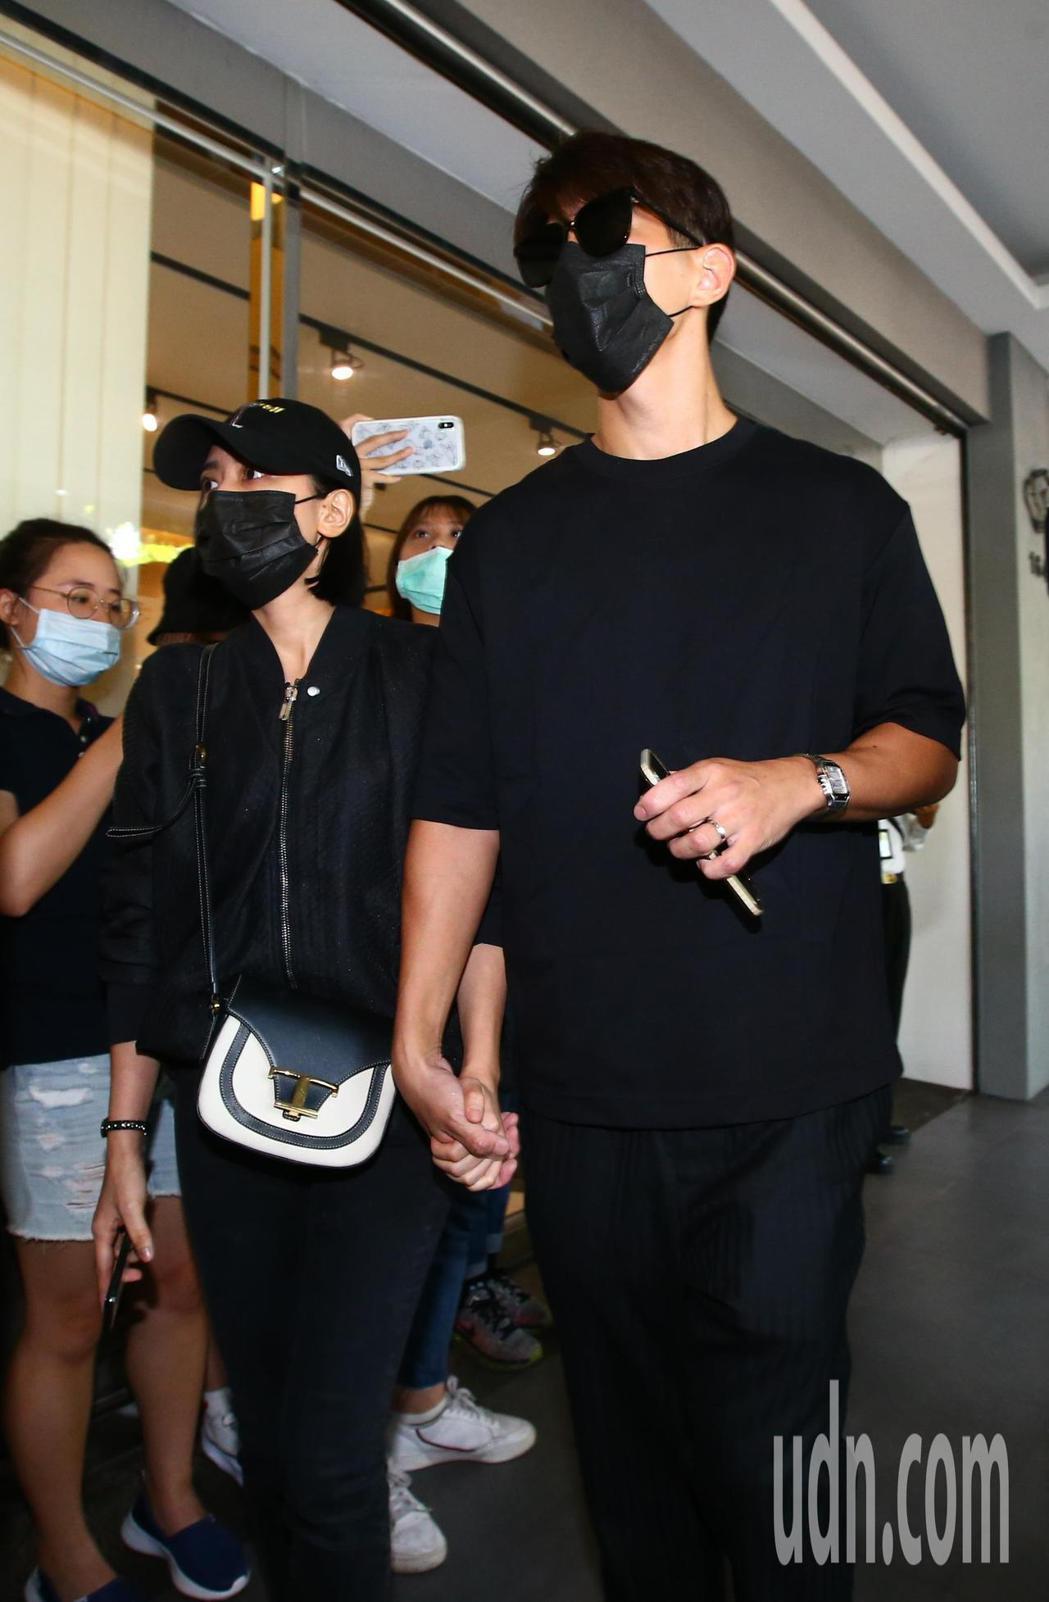 小鬼靈堂開放首日,修杰楷(右)與賈靜雯(左)到場弔唁。記者葉信菉/攝影